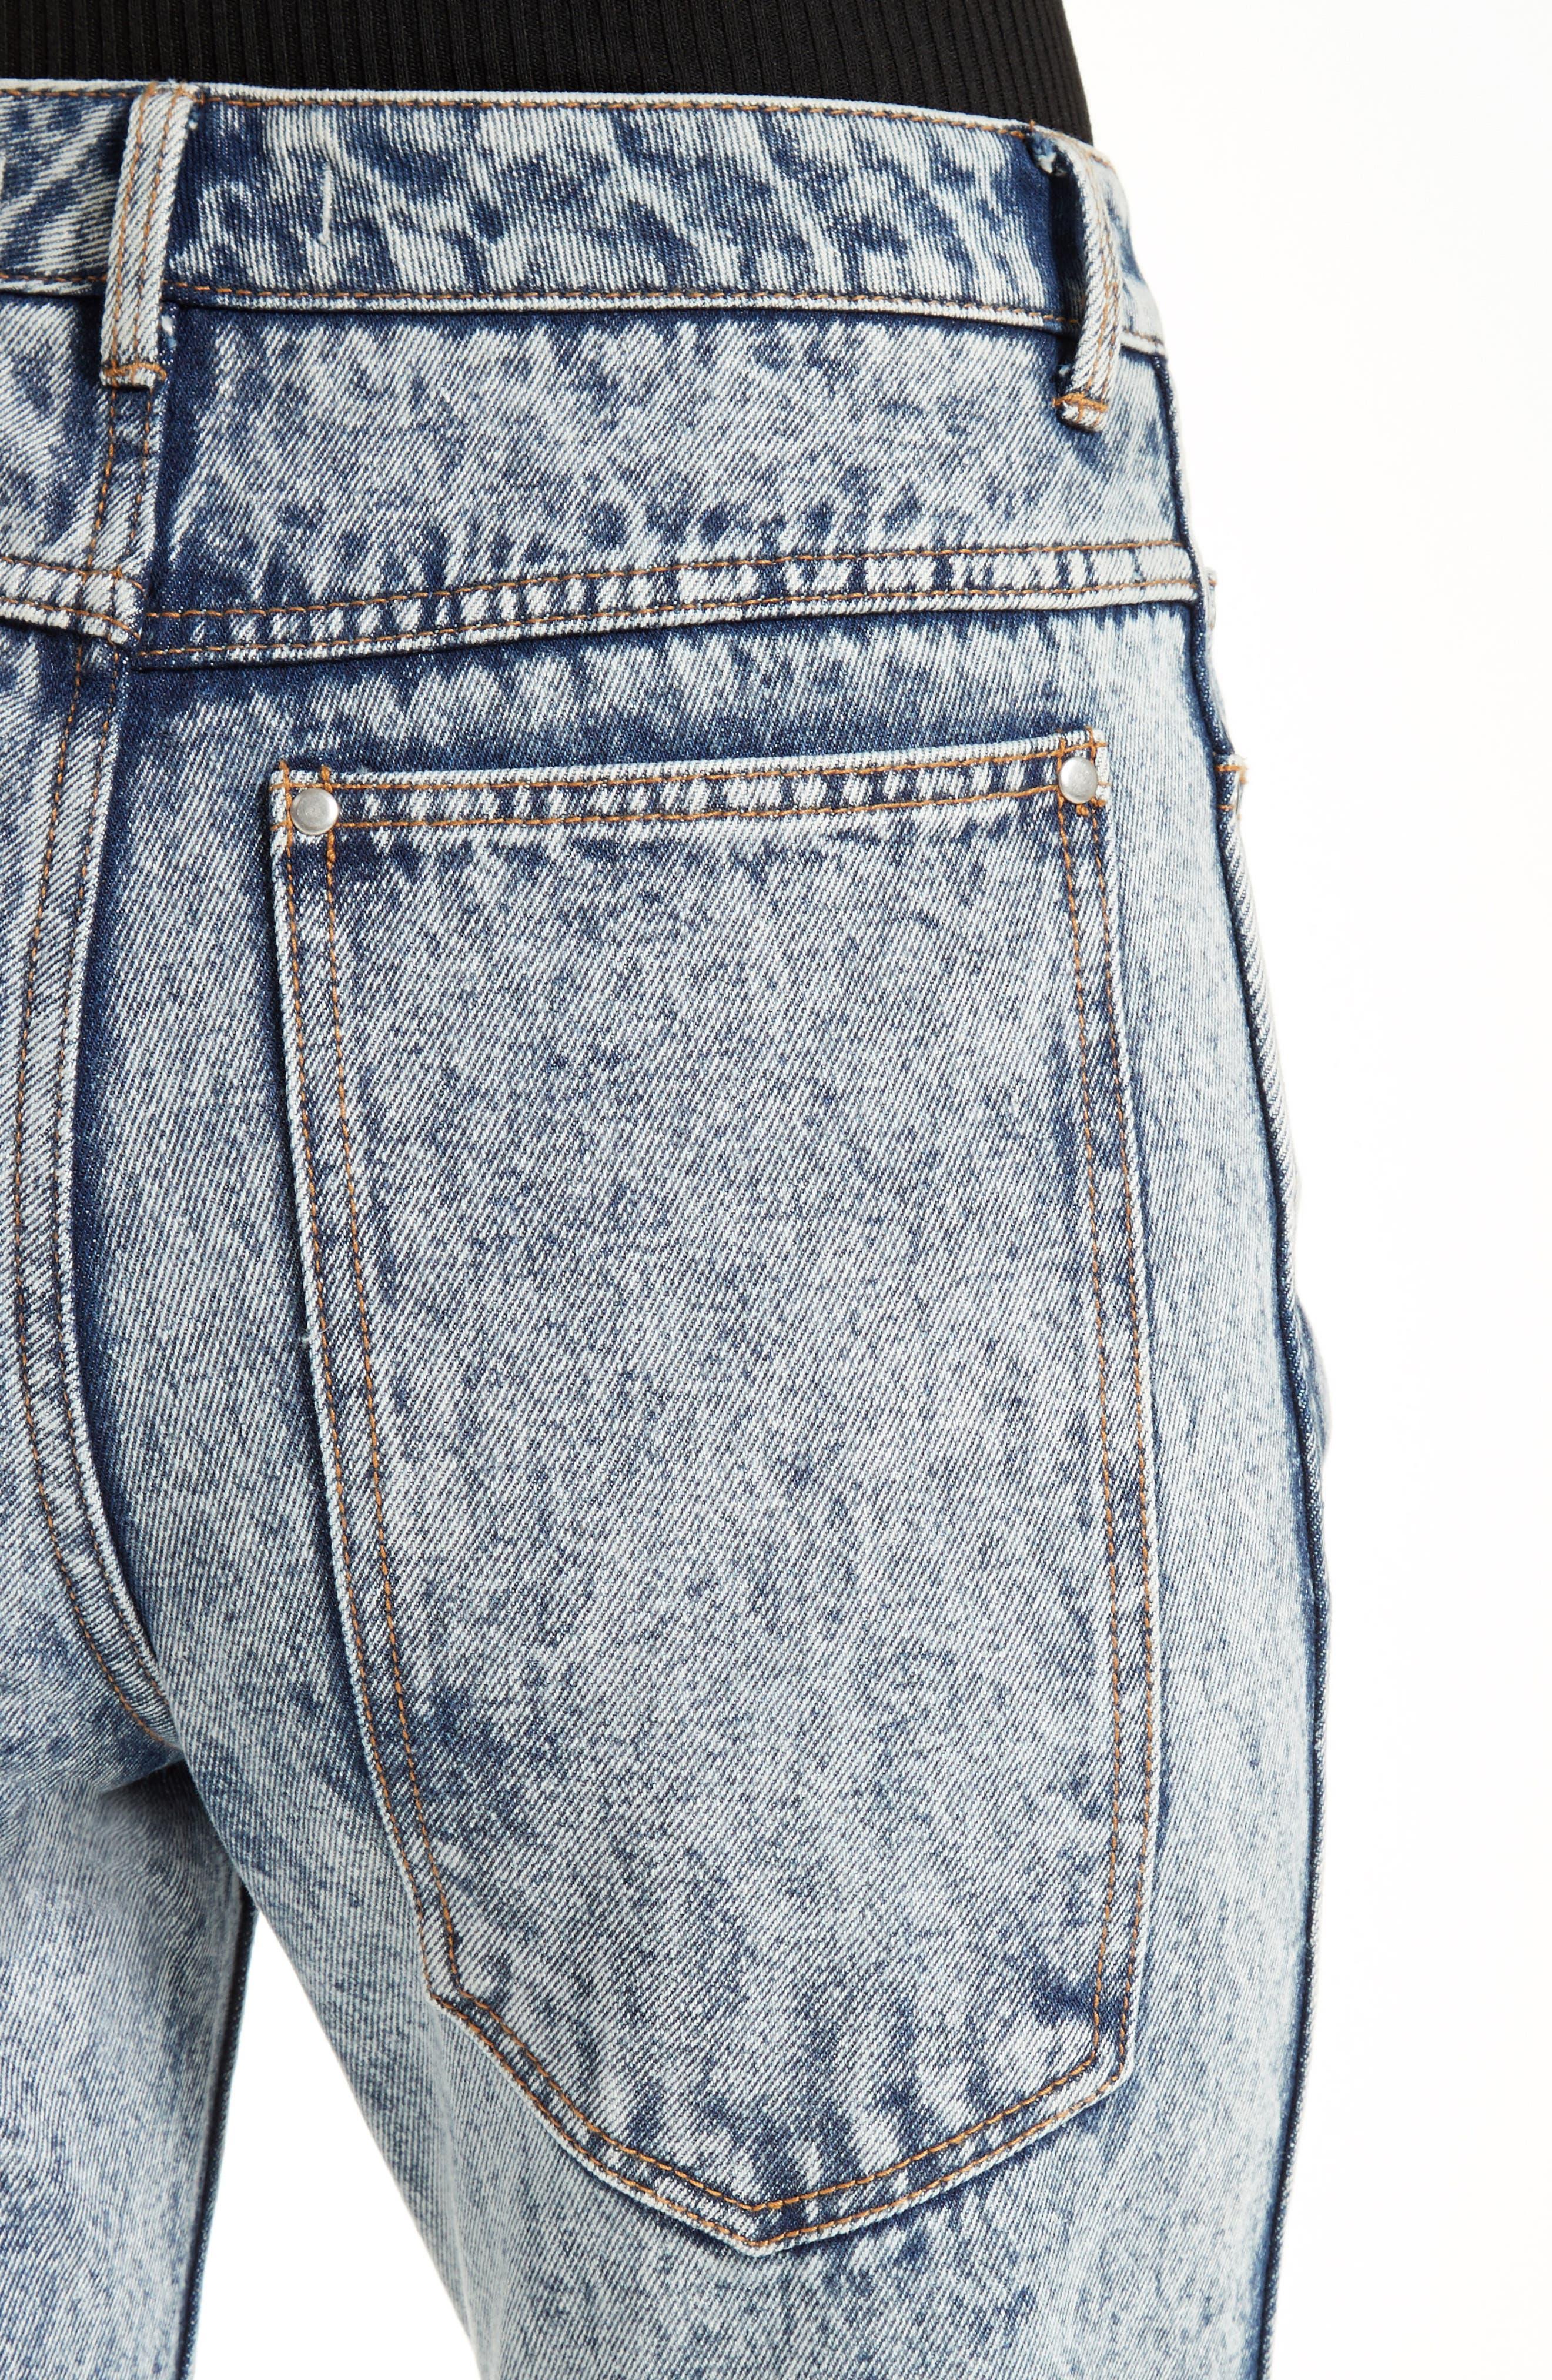 TIBI, Trish Acid Wash Jeans, Alternate thumbnail 4, color, 472